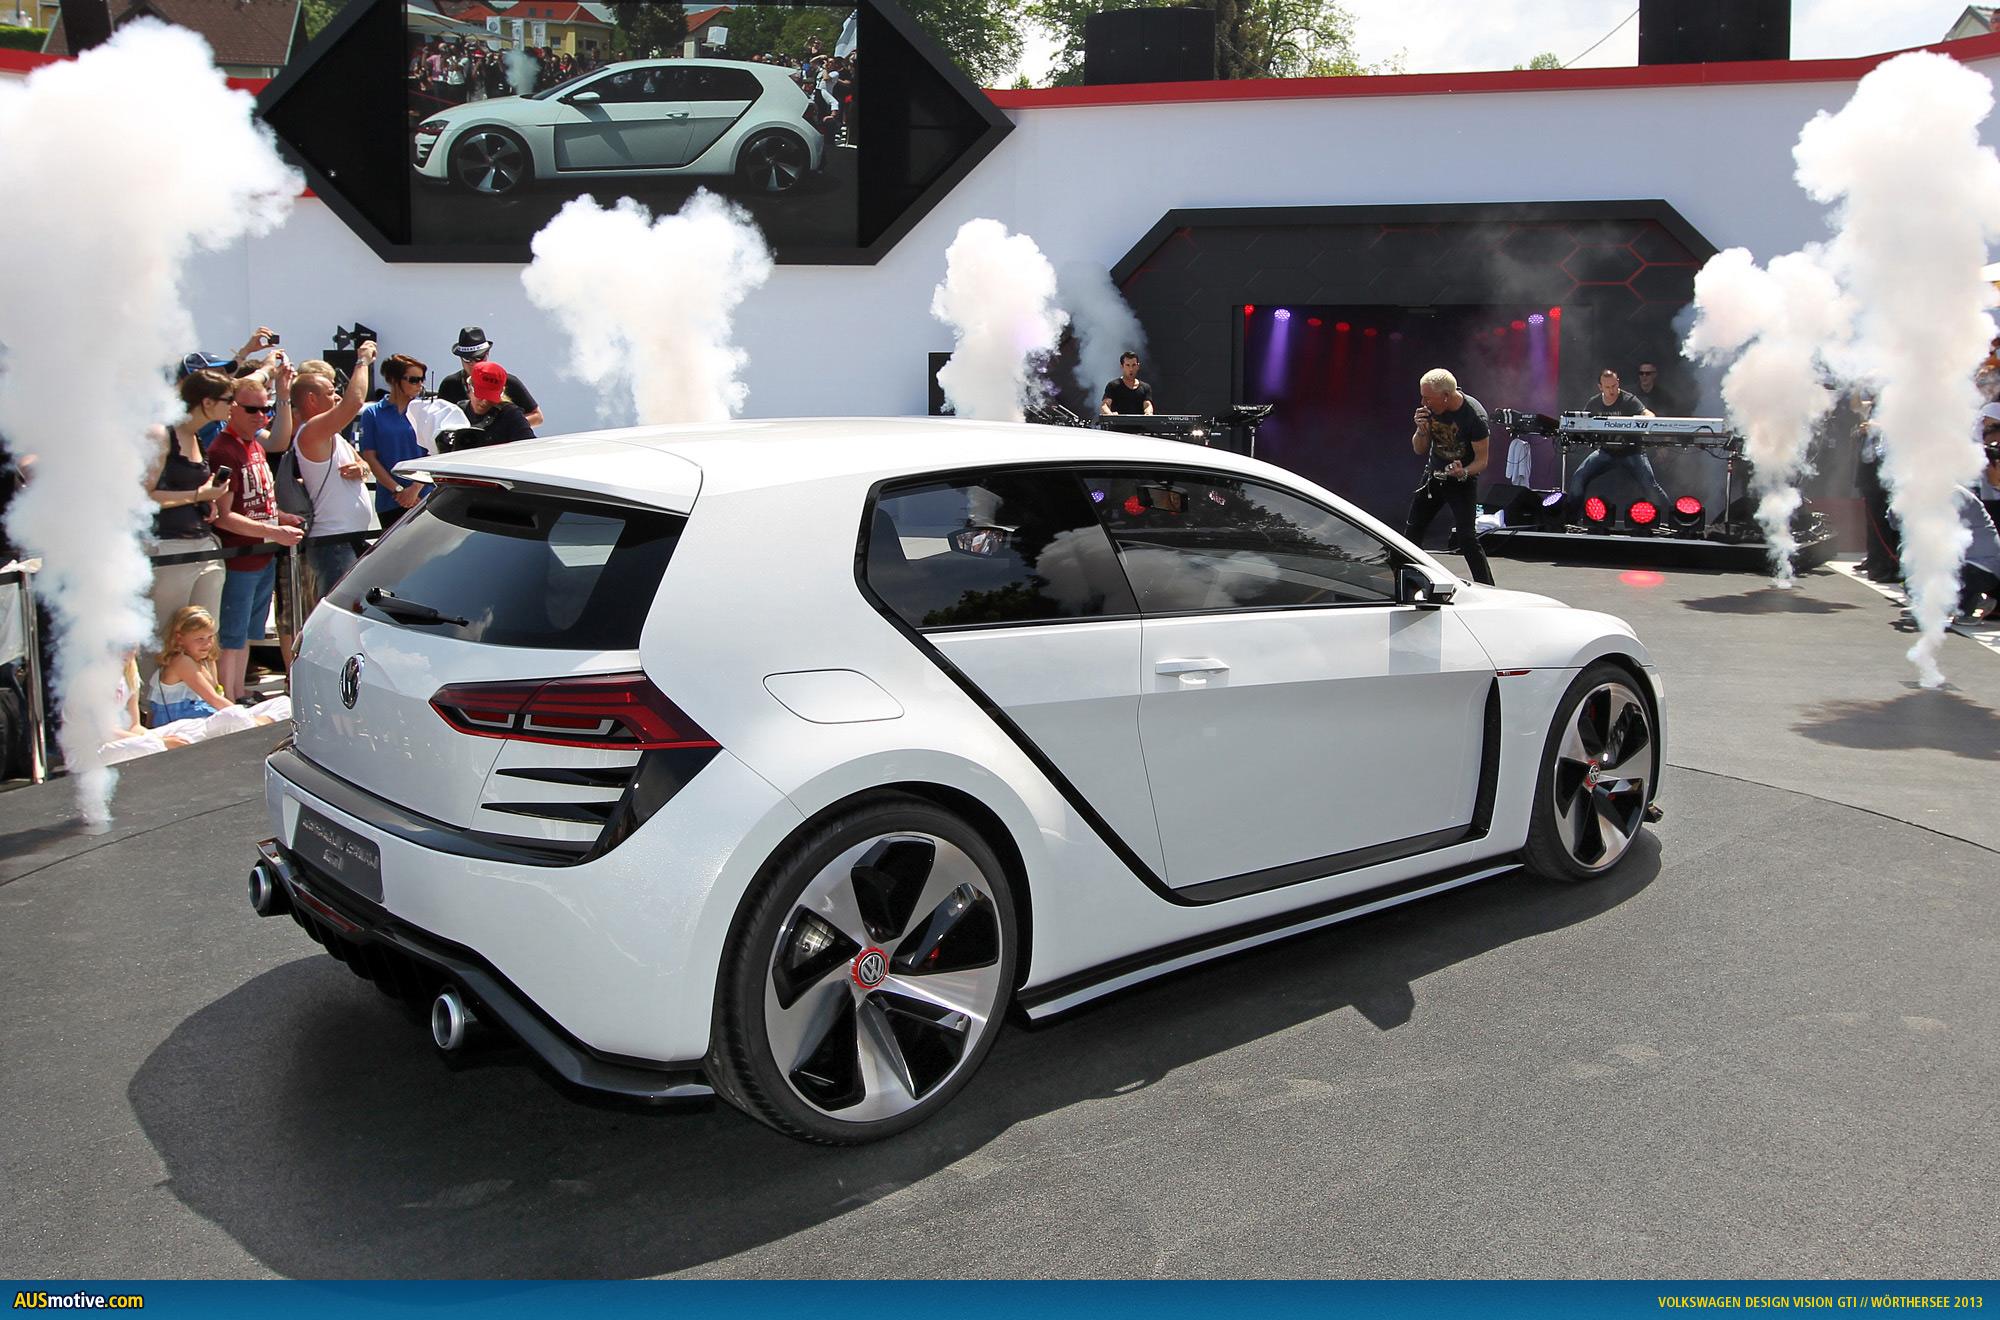 AUSmotive.com » Volkswagen Design Vision GTI photo gallery